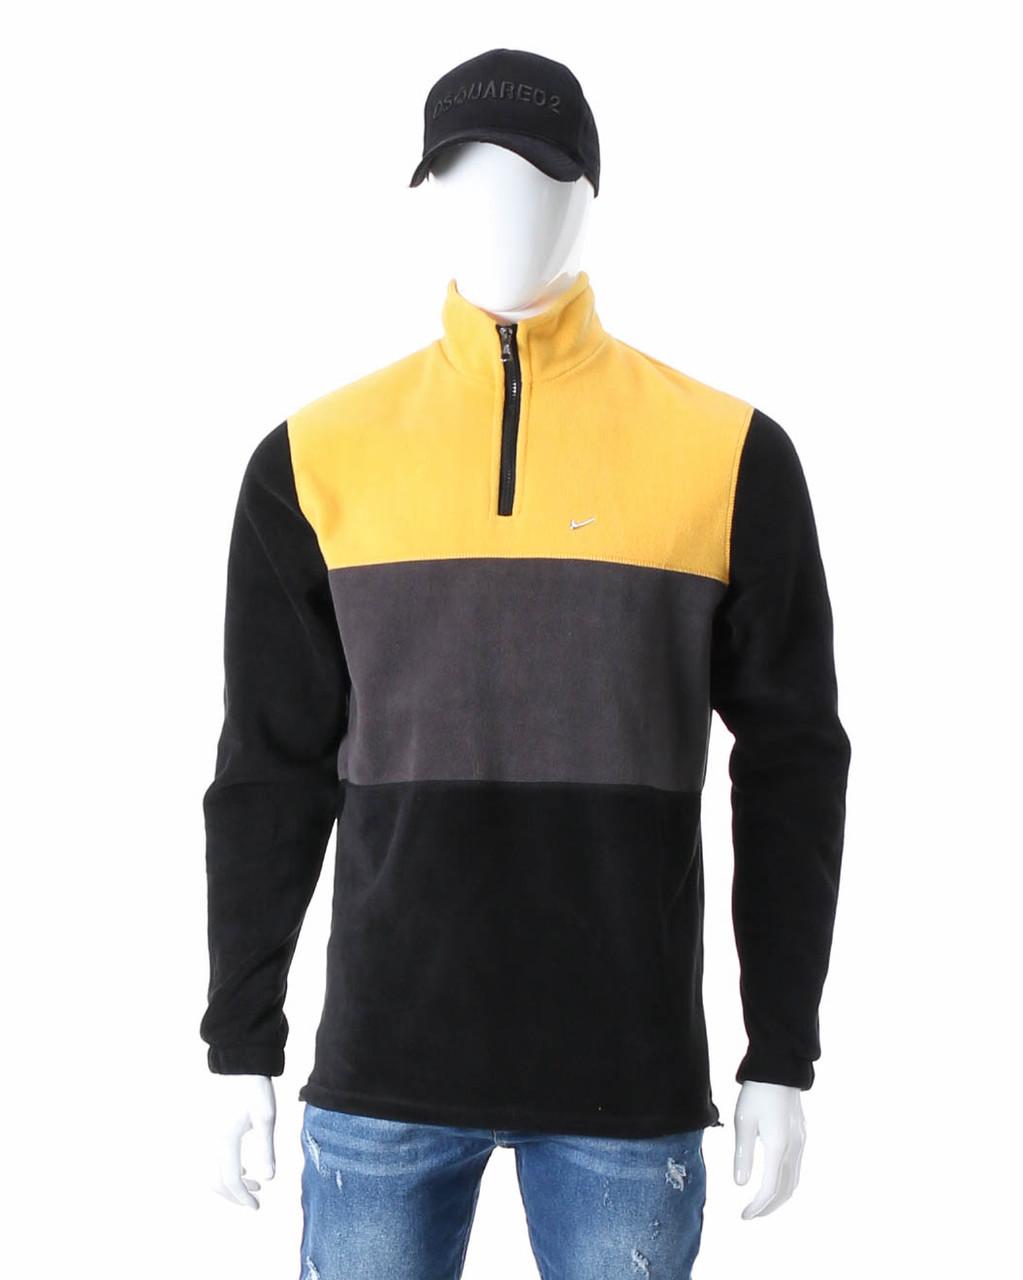 Свитшот осень-зима желтый/т серый/черный NIKE ворот на молнии с патчем №7 YEL S(Р) 20-426-005